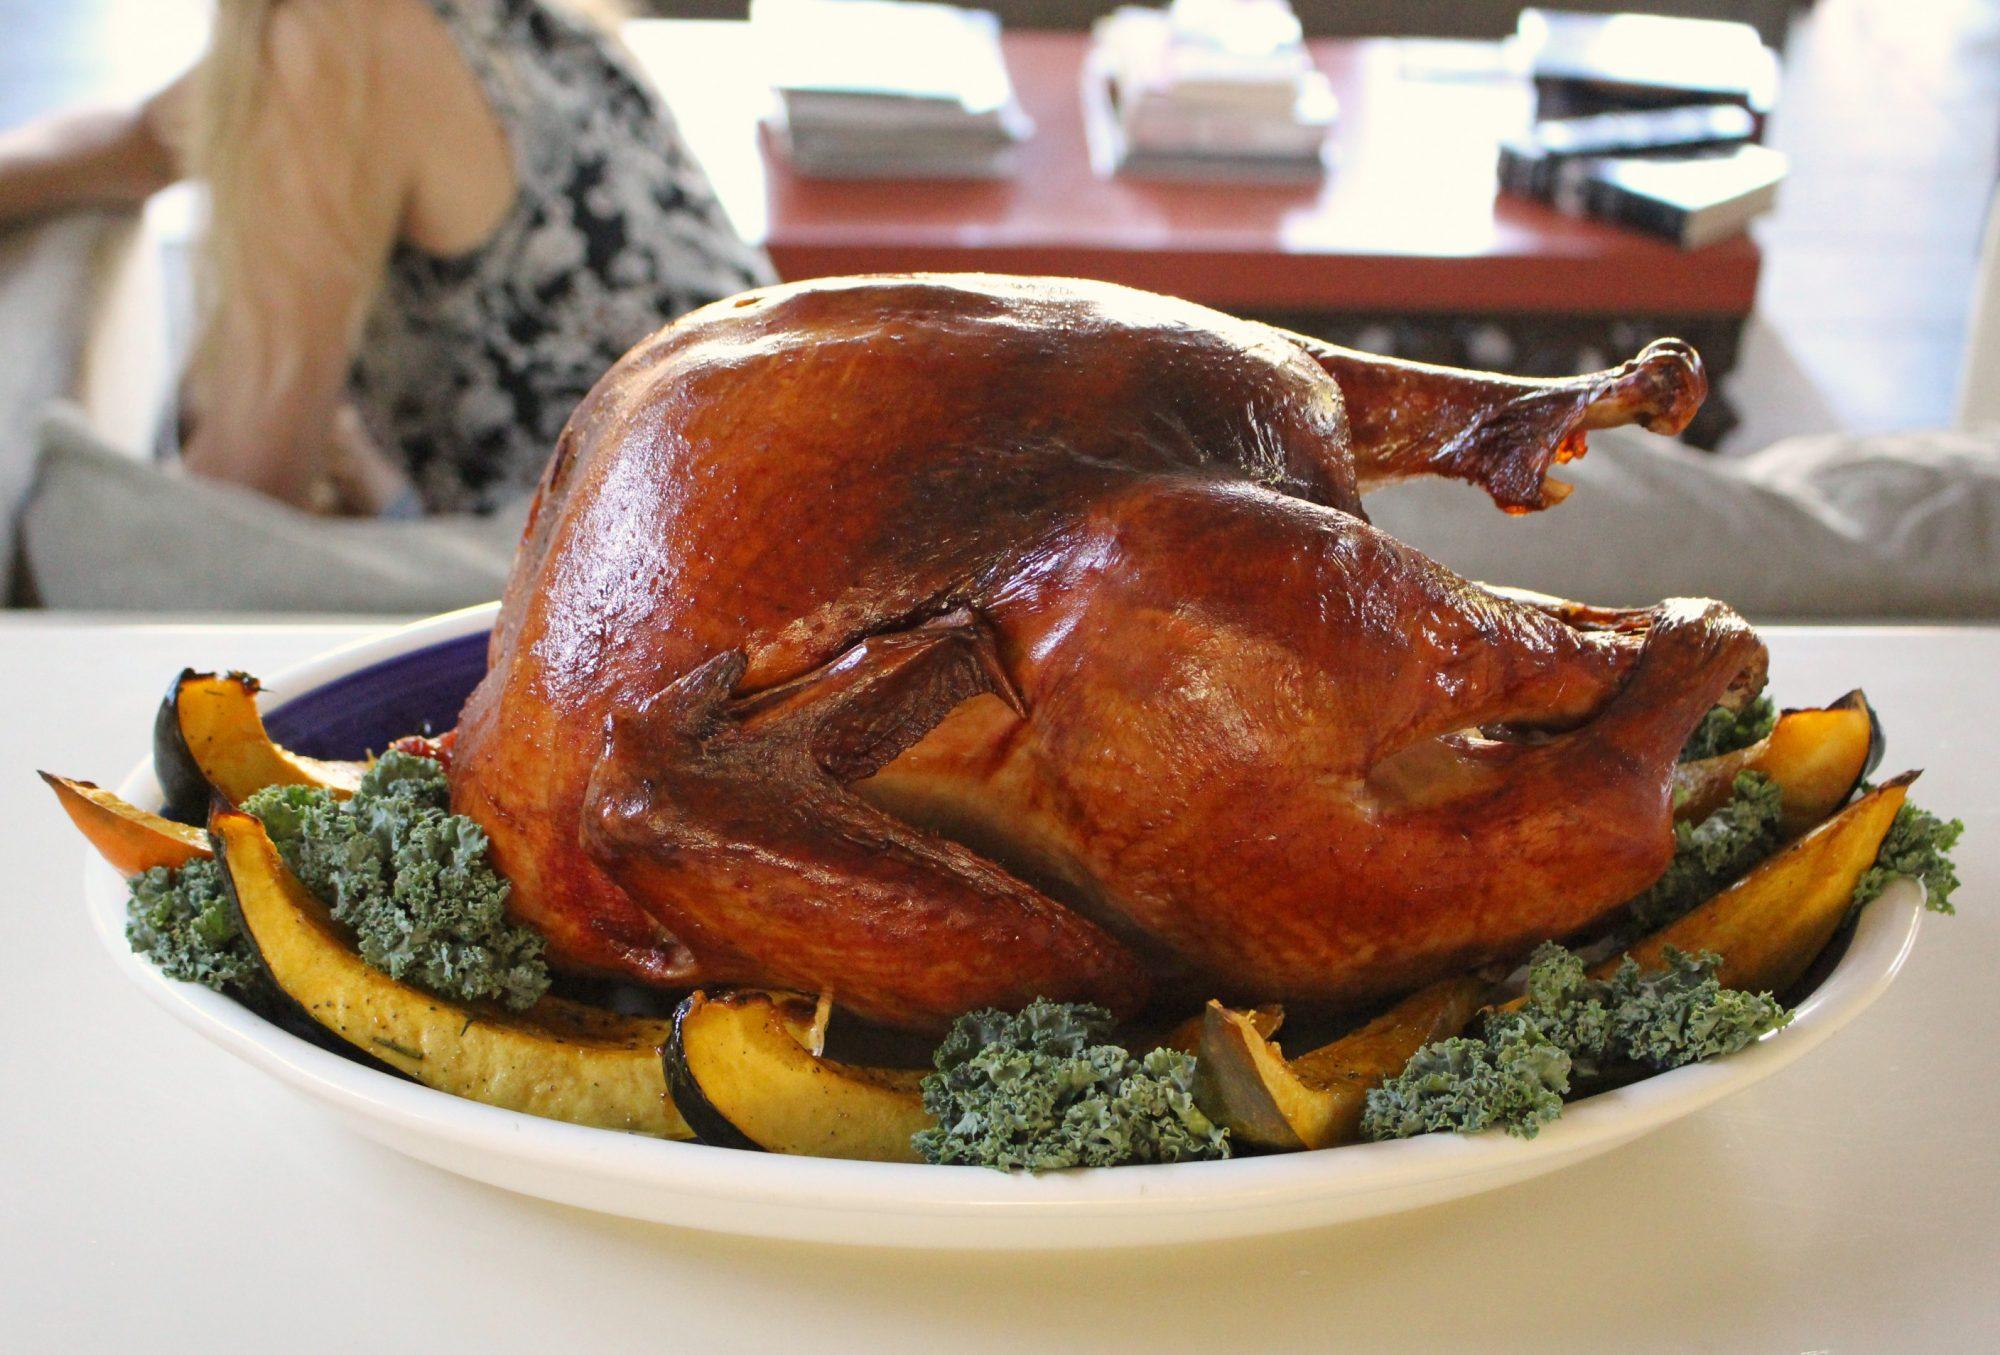 Smoked Winter's Turkey 2